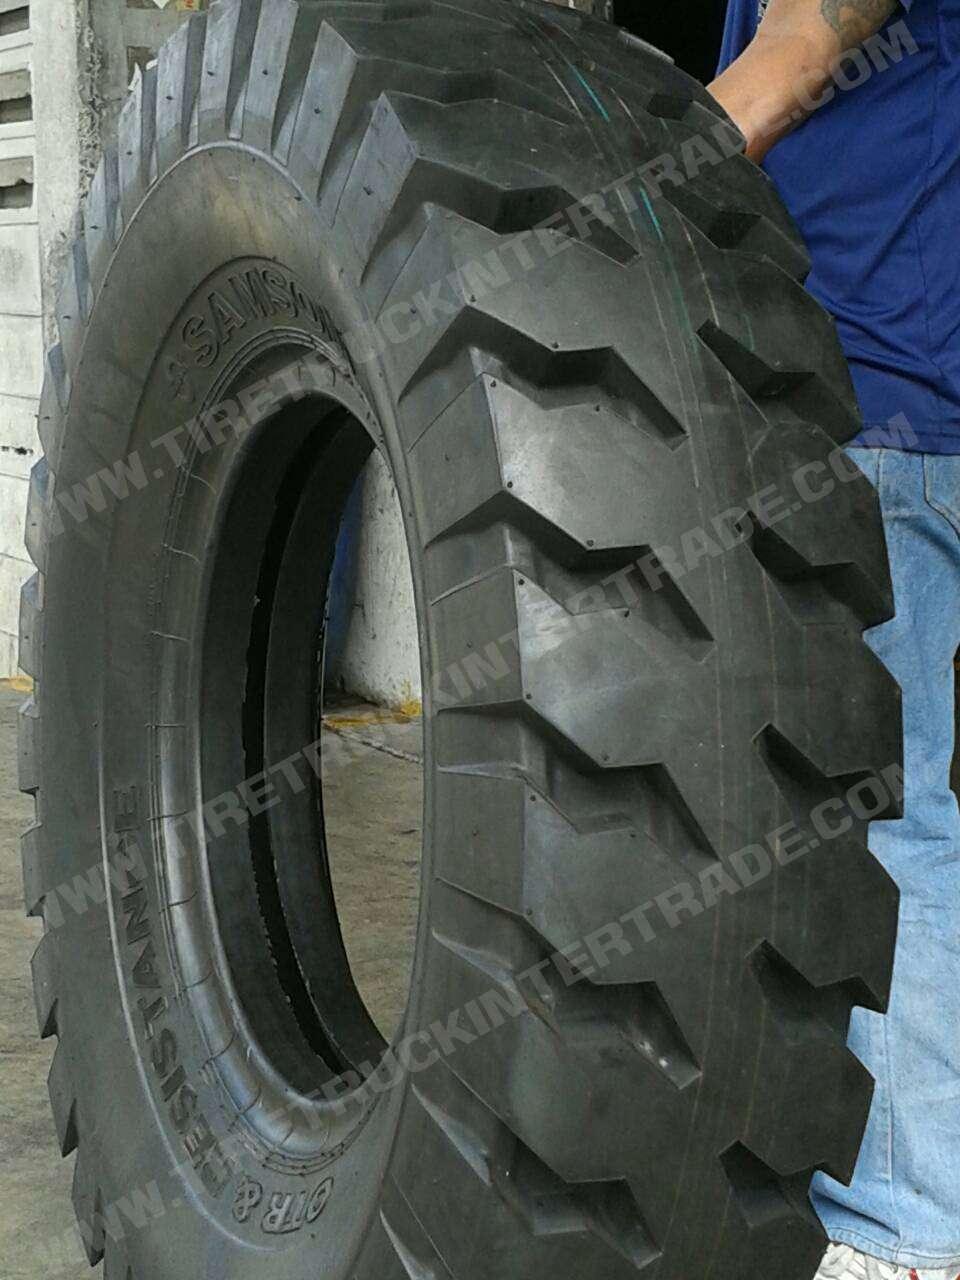 รีวิวยางรถบรรทุกรุ่นใหม่ ขนาด 12.00-20 และ 12.00-24 VT132 Vee Rubber (Bias Truck Tires)